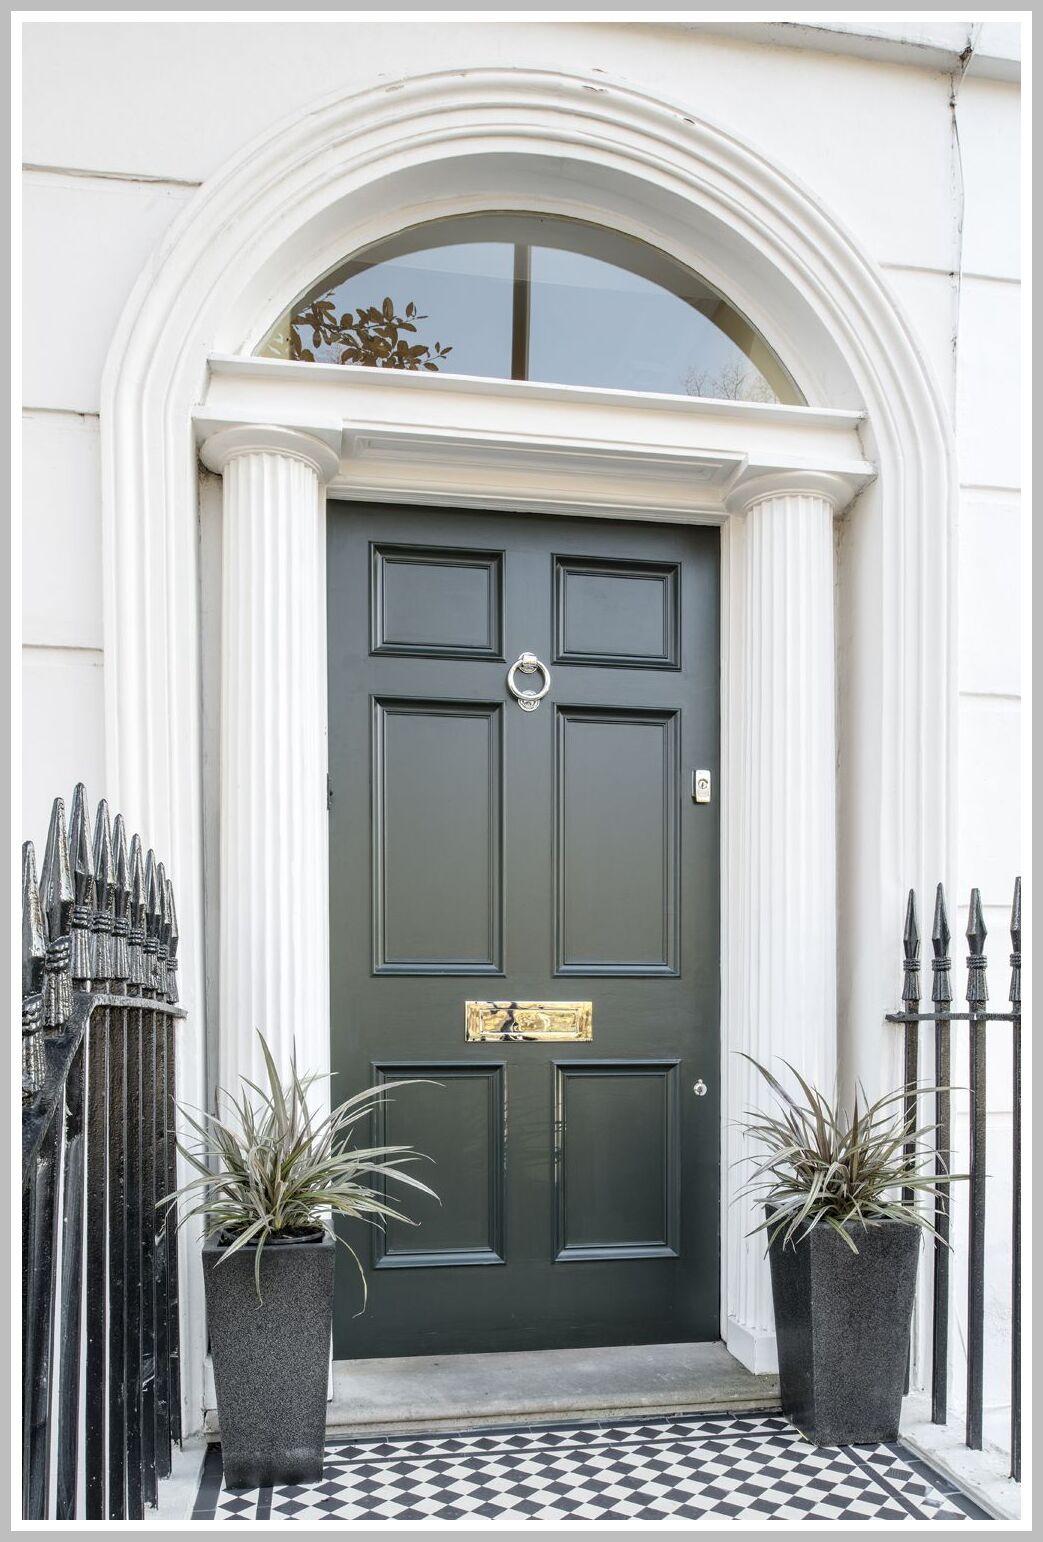 108 Reference Of Front Door Entrance Pictures In 2020 House Entrance Front Door Design Georgian Doors